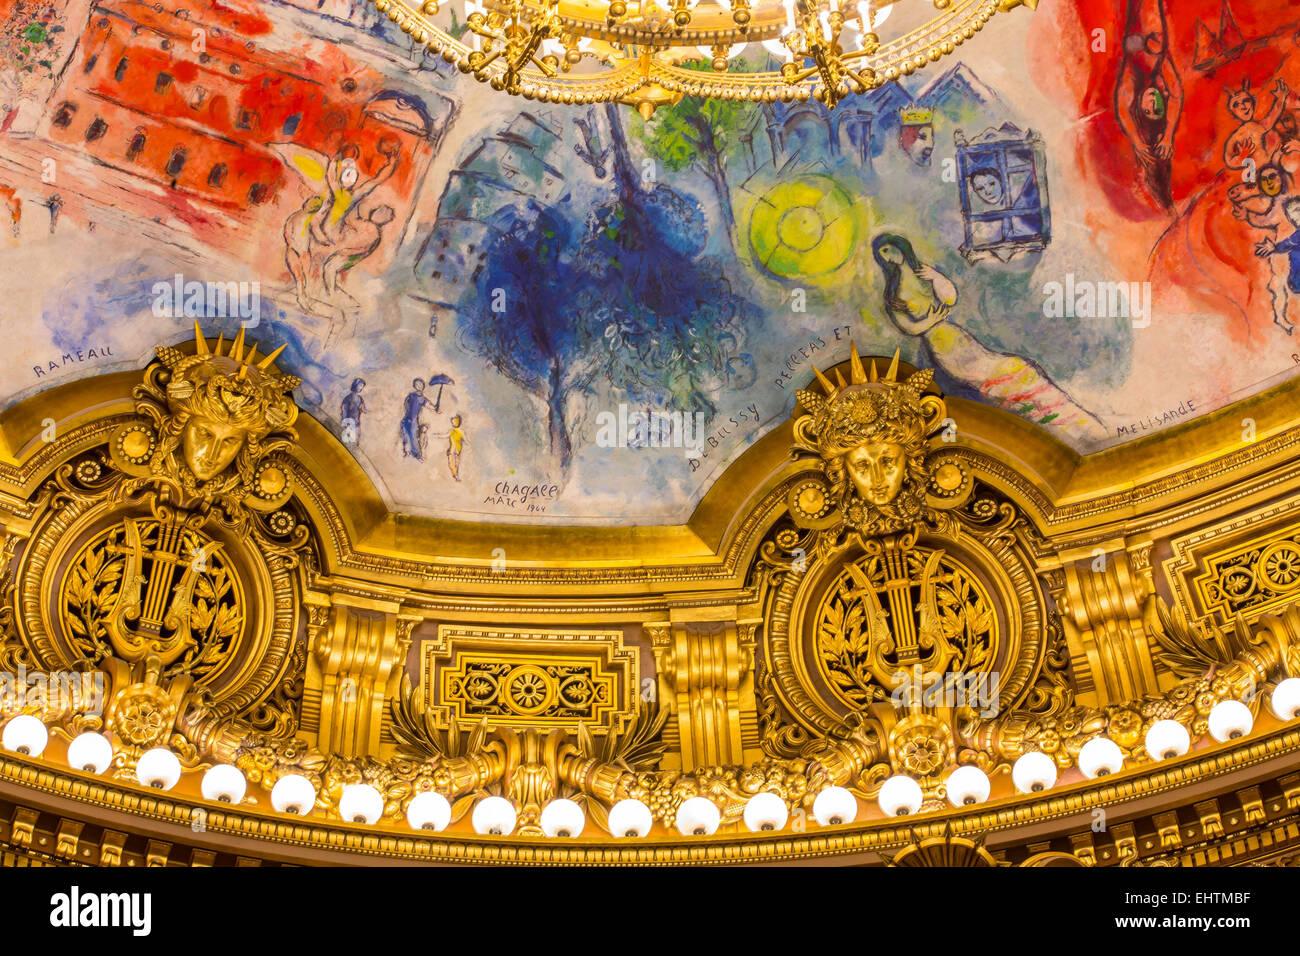 ILLUSTRATION VILLE DE PARIS, ILE-DE-FRANCE, FRANCE - Stock Image